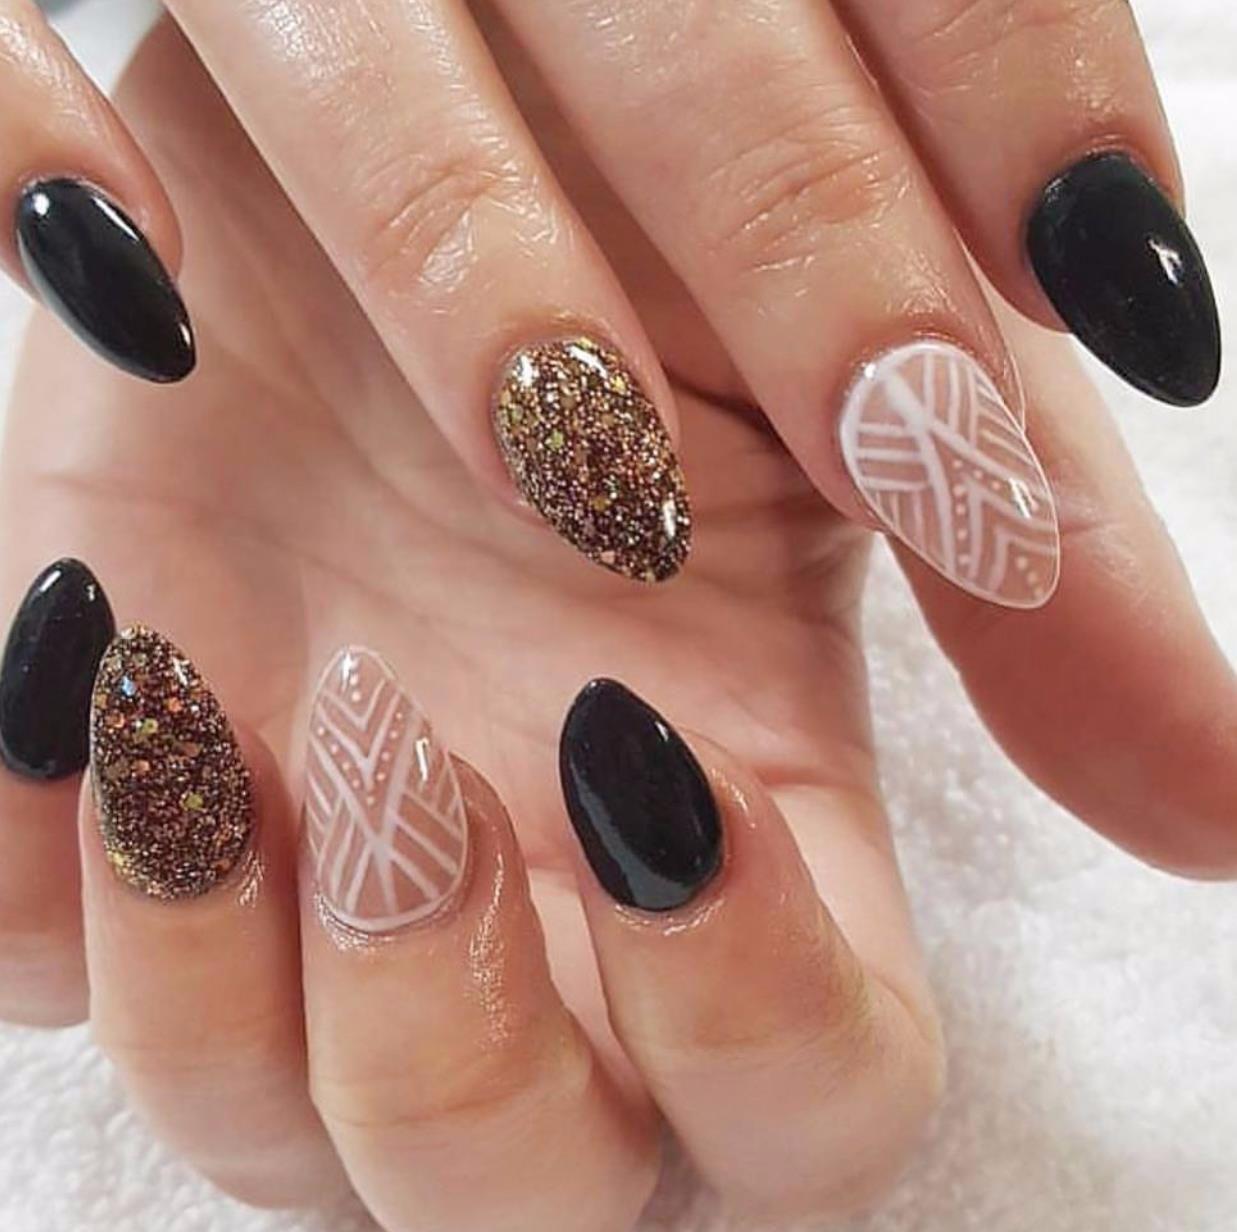 Polygel New Set $65 | Nail Art Ideas | Pinterest | Salon software ...